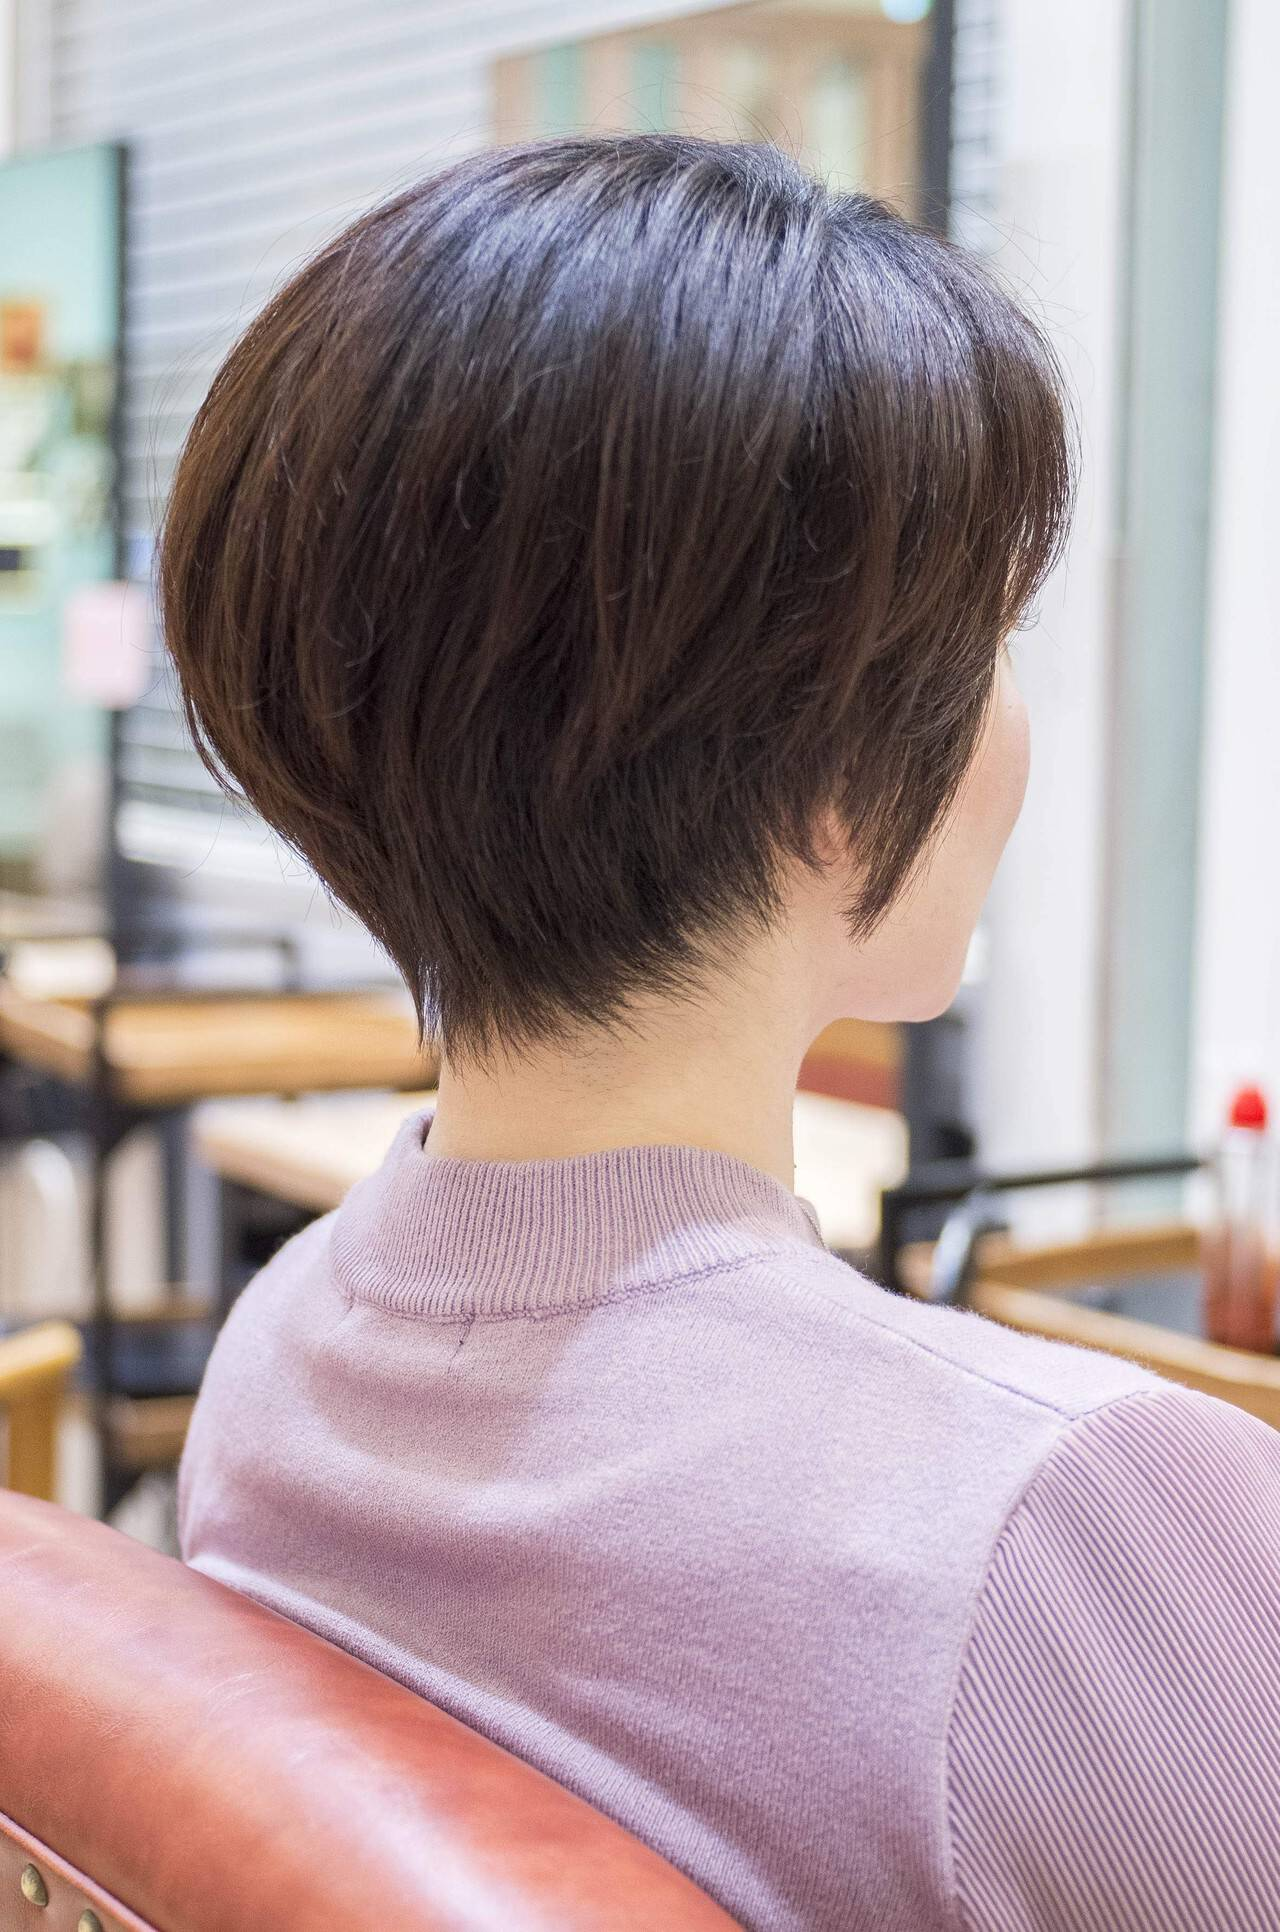 ハンサムショート 大人かわいい ショートヘア ショートボブヘアスタイルや髪型の写真・画像